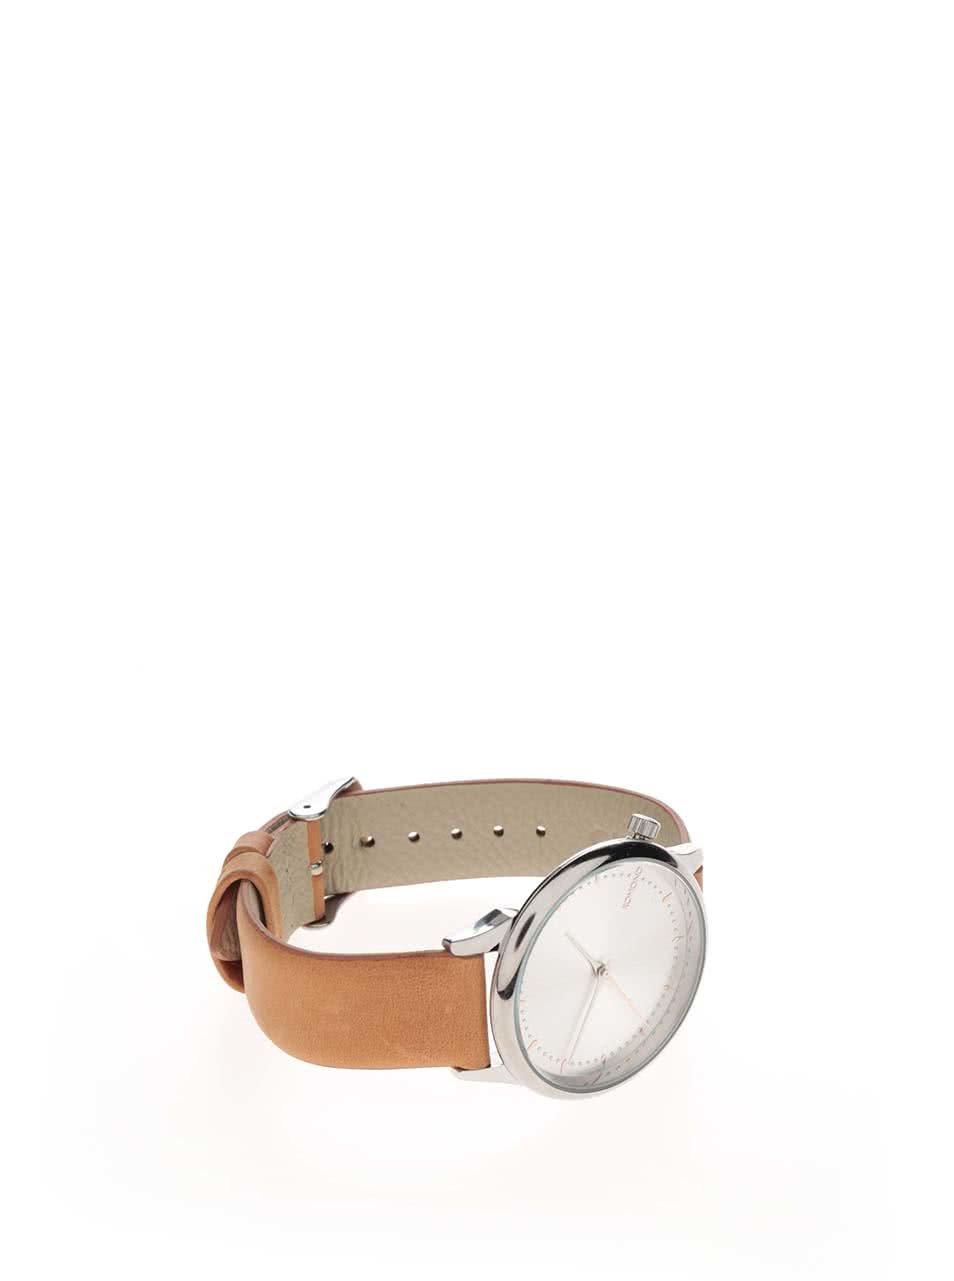 ... Dámské hodinky ve stříbrné barvě s koženým páskem Komono Estelle ... 13dc88b3ed